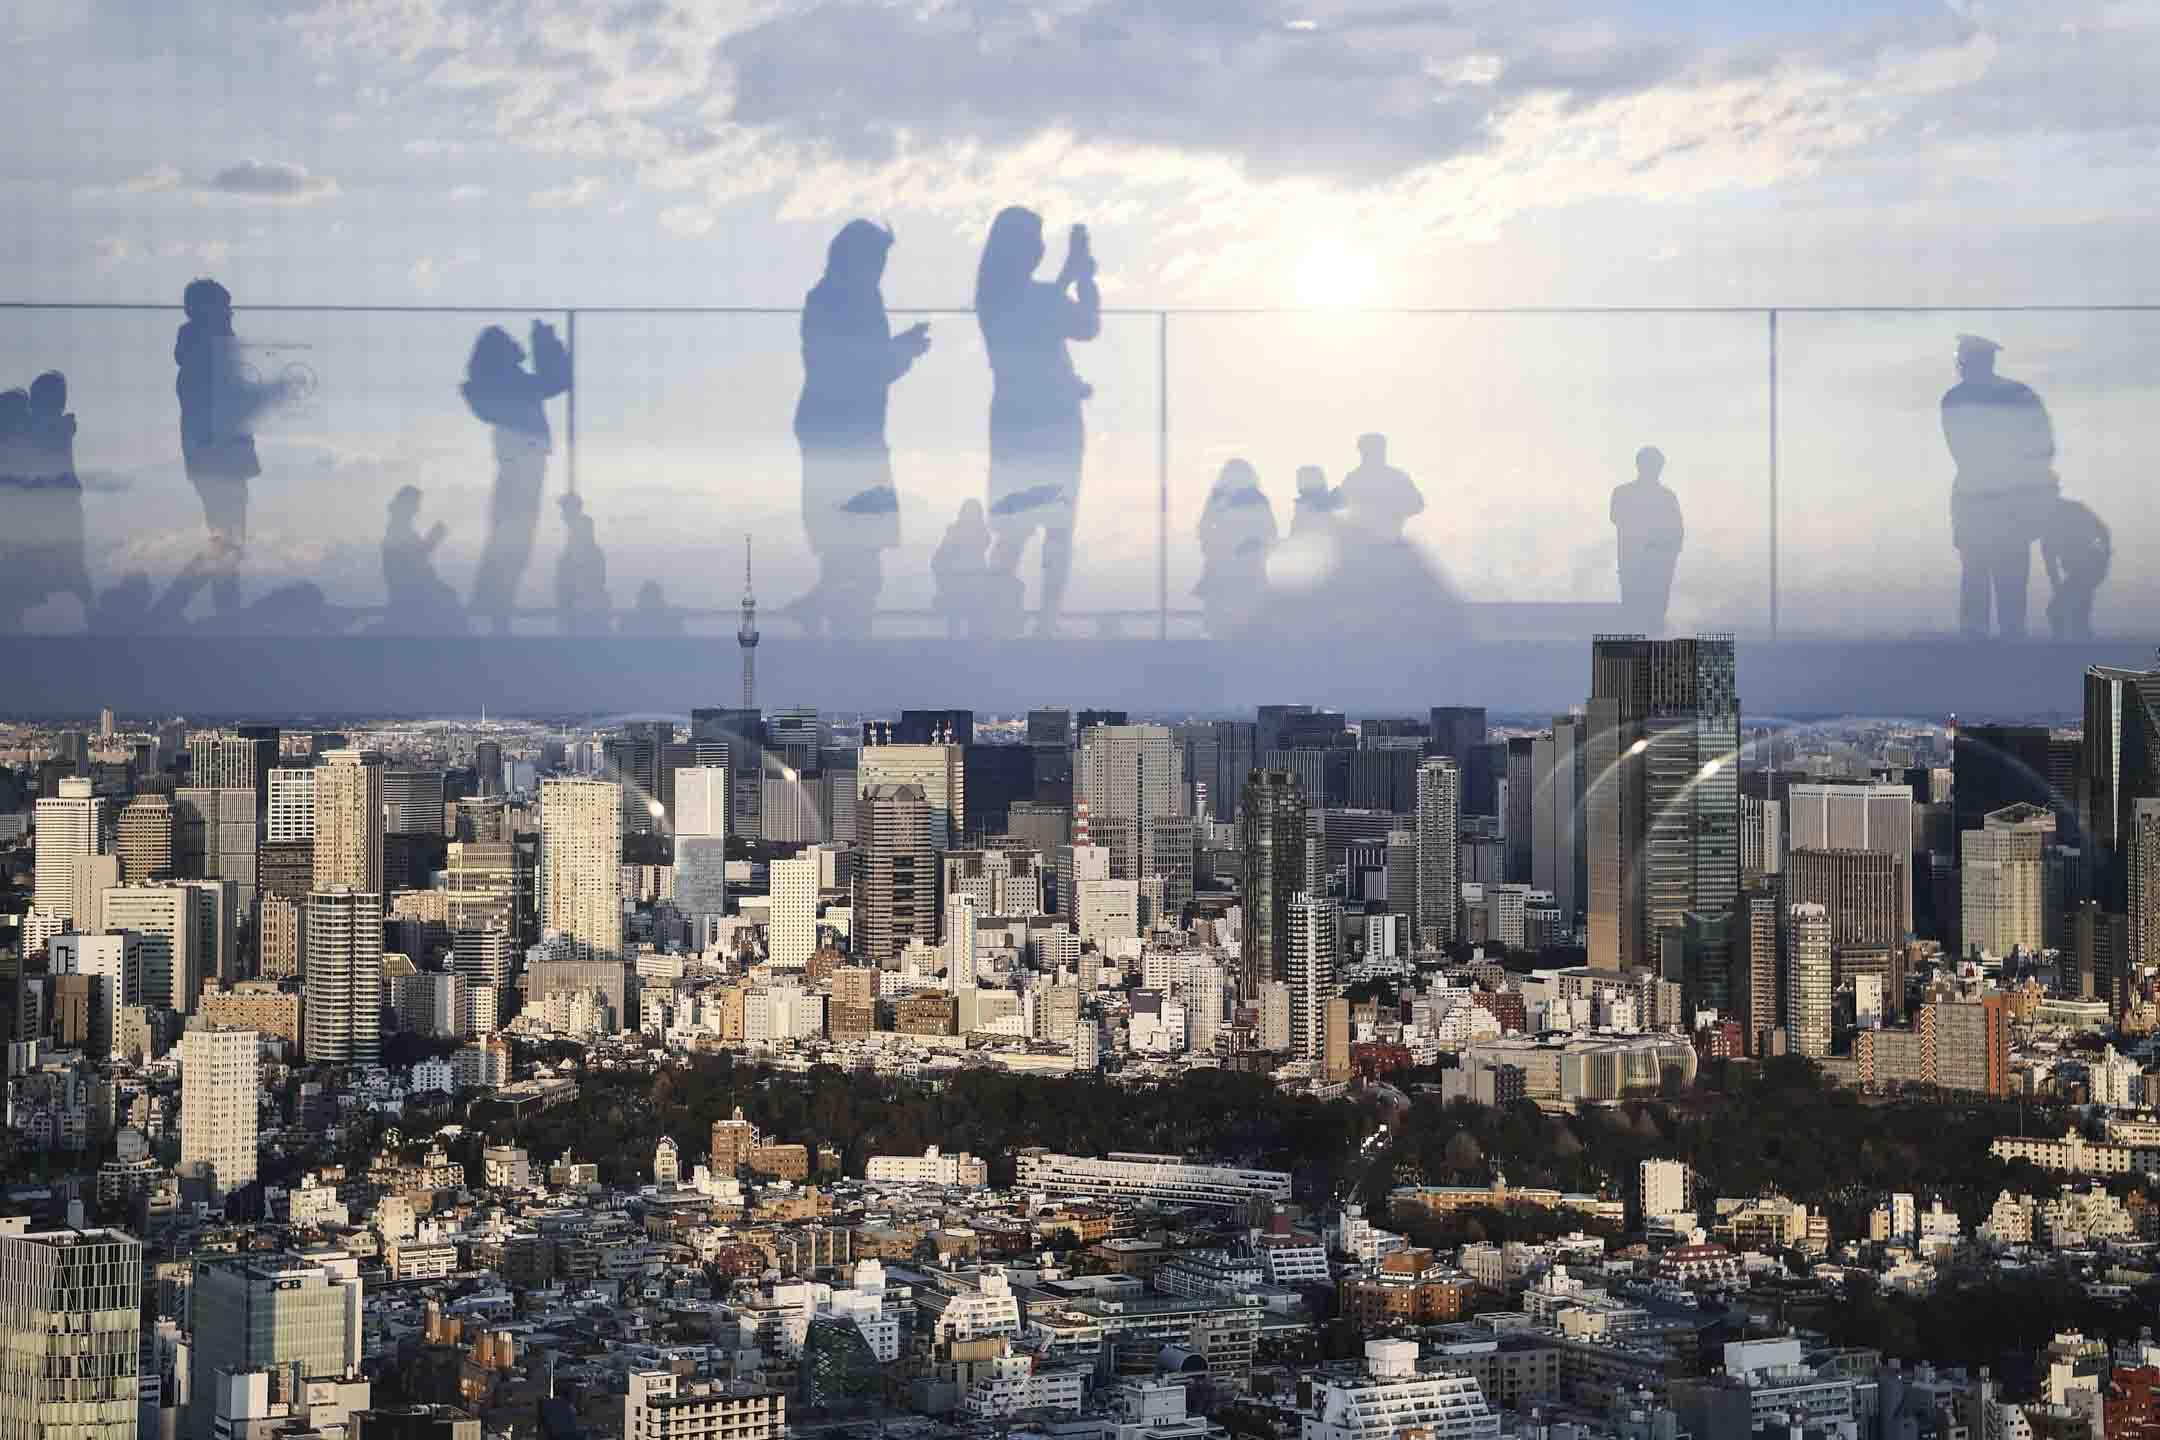 2020年2月8日,日本東京一個觀景台上的倒影。 攝:Charly Triballeau/AFP via Getty Images